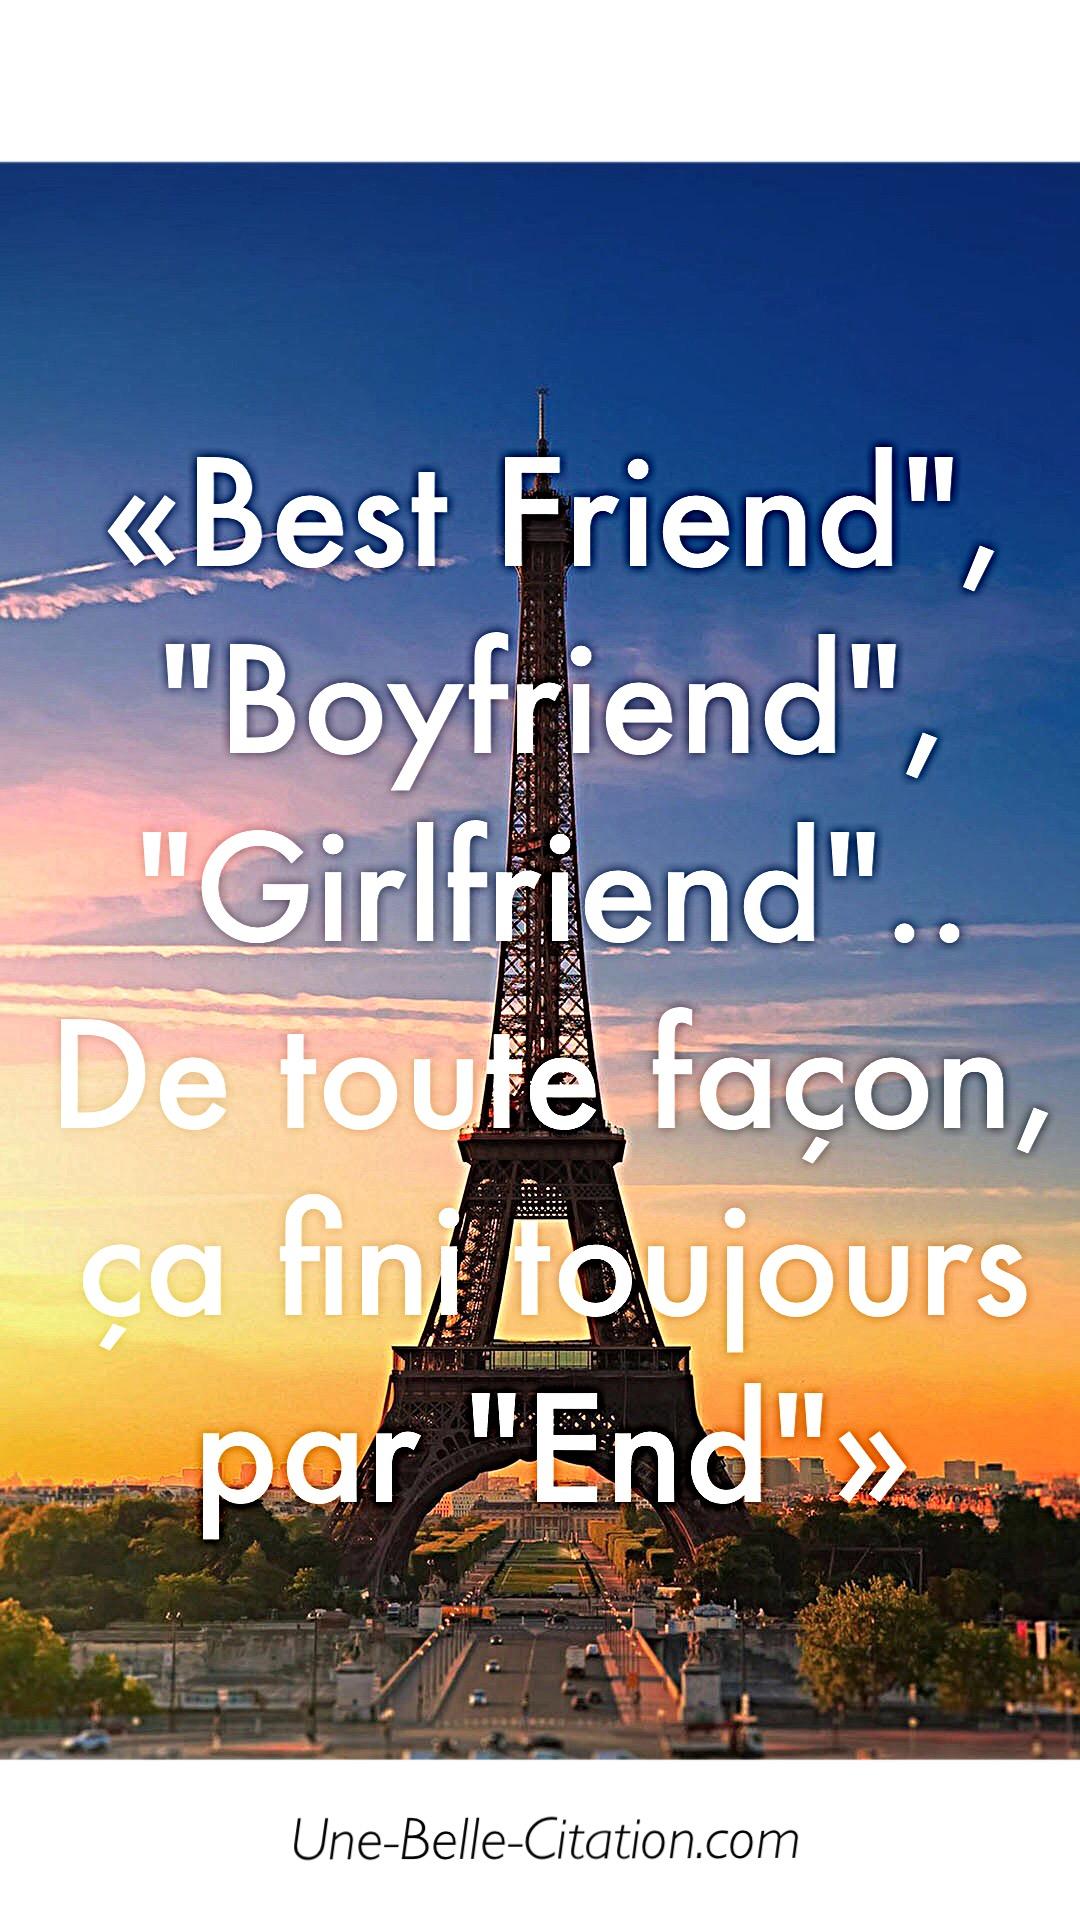 Best Friends Boyfriend Girlfriend De Toute Facon Ca Fini Toujours Par End Citations Et Proverbes Retrouver De Nombreuses Citations Proverbes